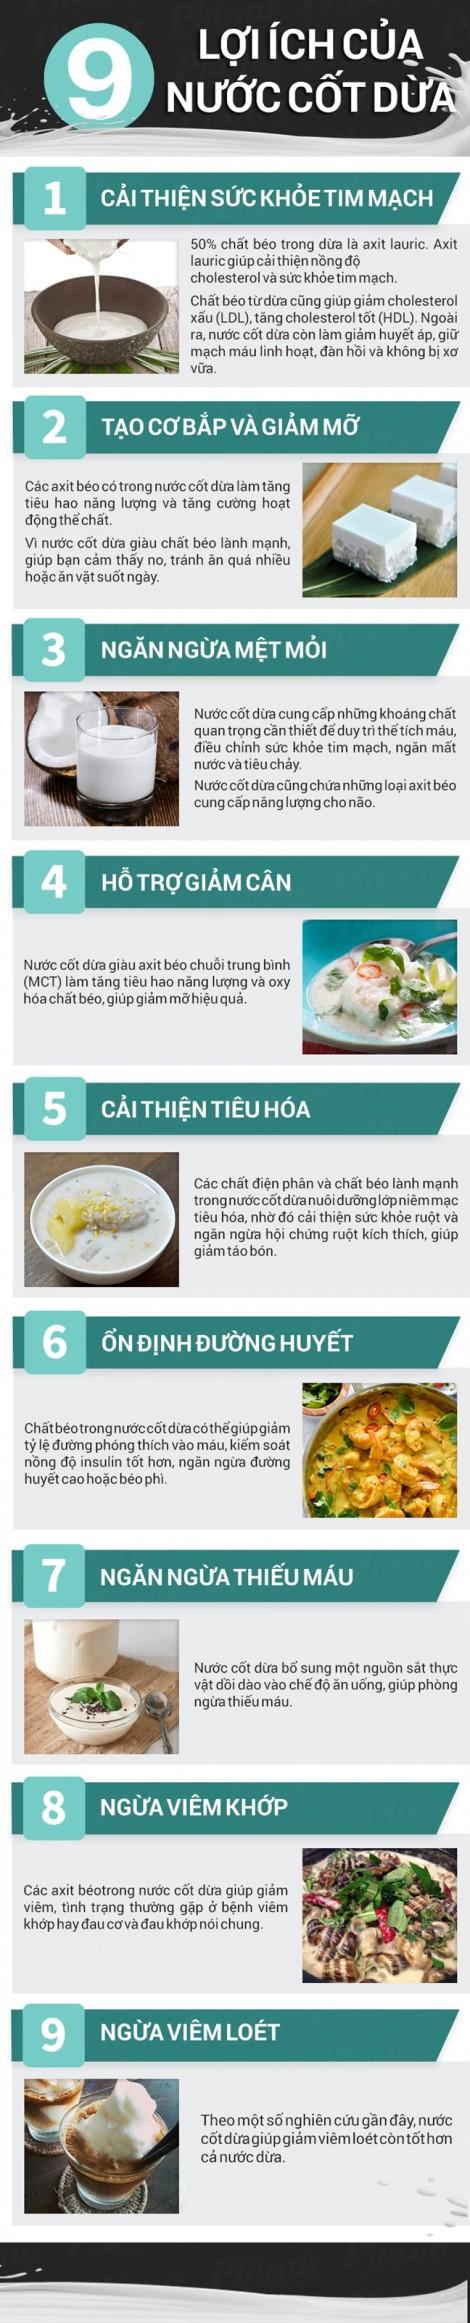 9 lợi ích của nước cốt dừa